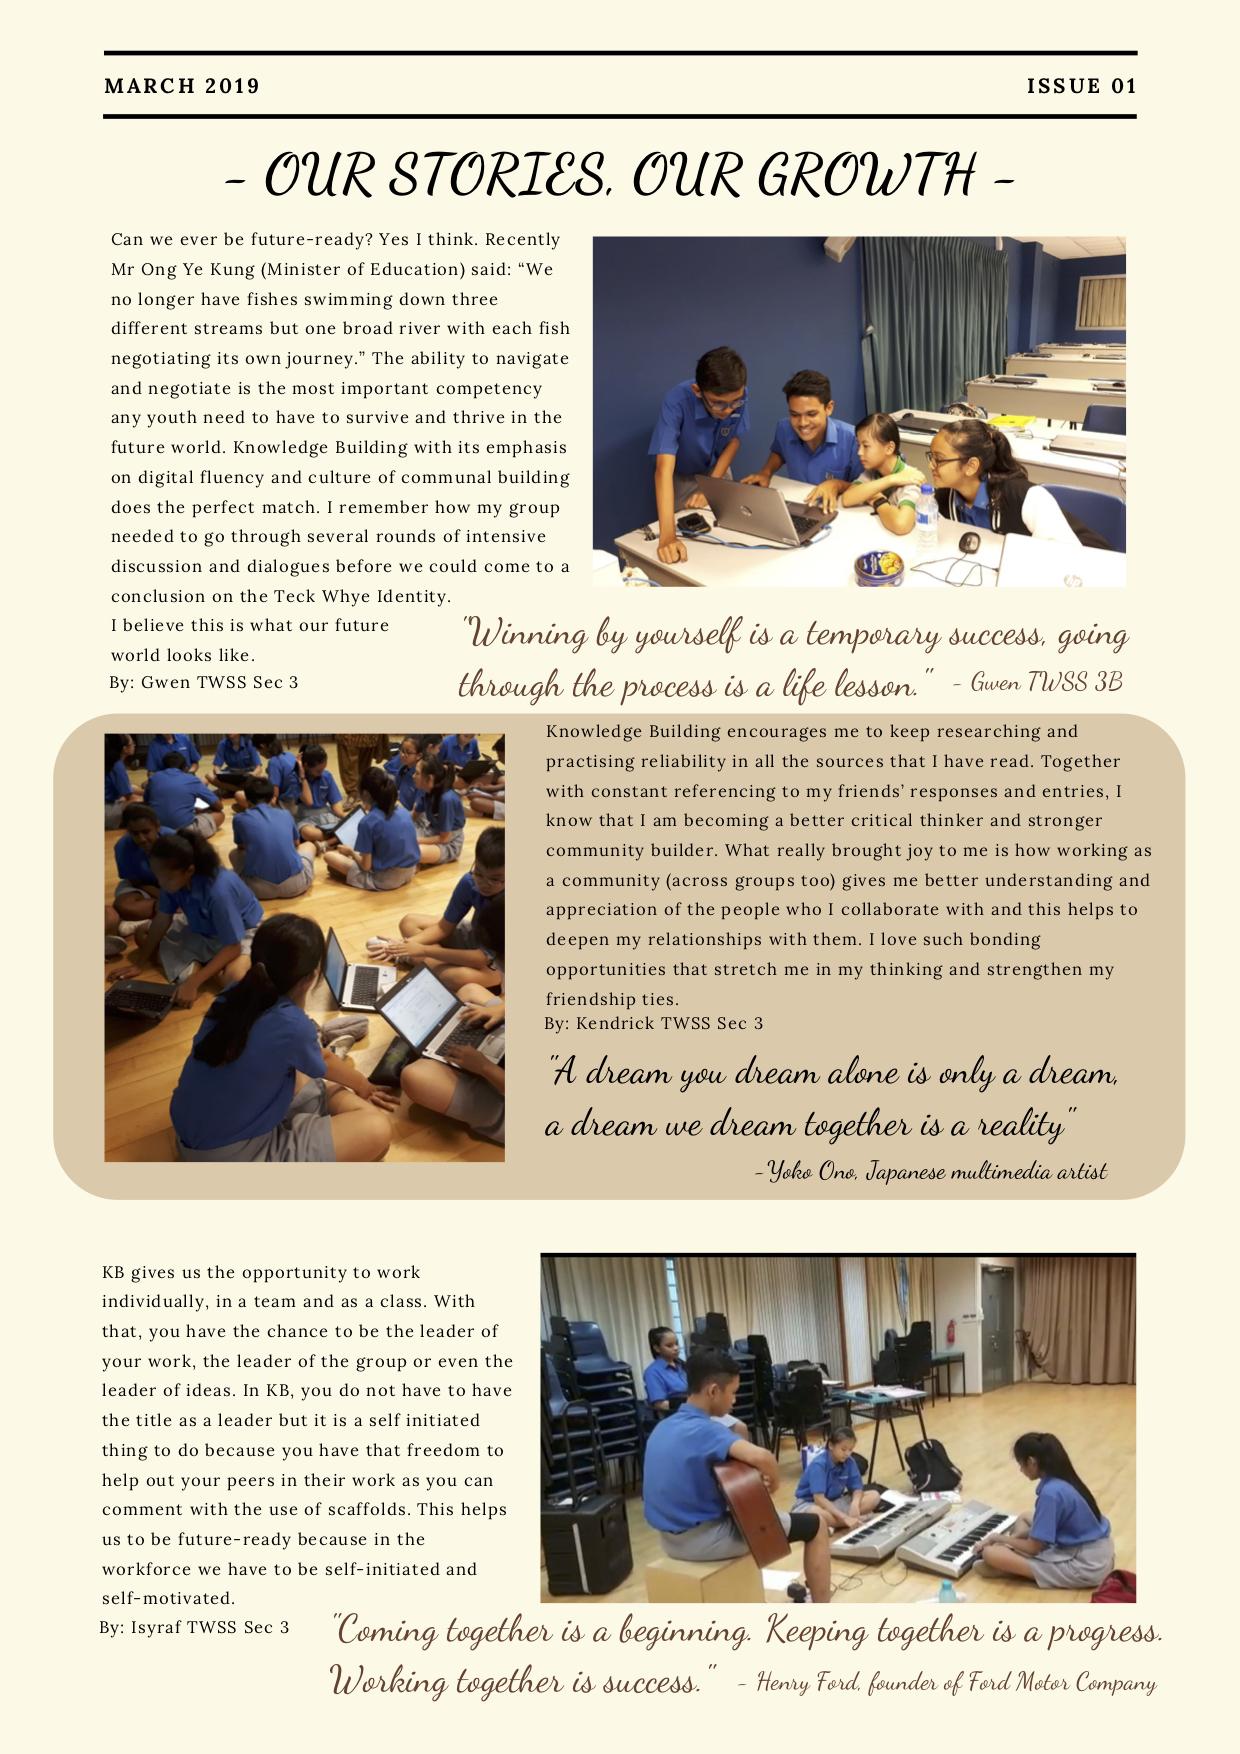 TWSS KB Newsletter Mar'19 (v2.2) 3.jpg